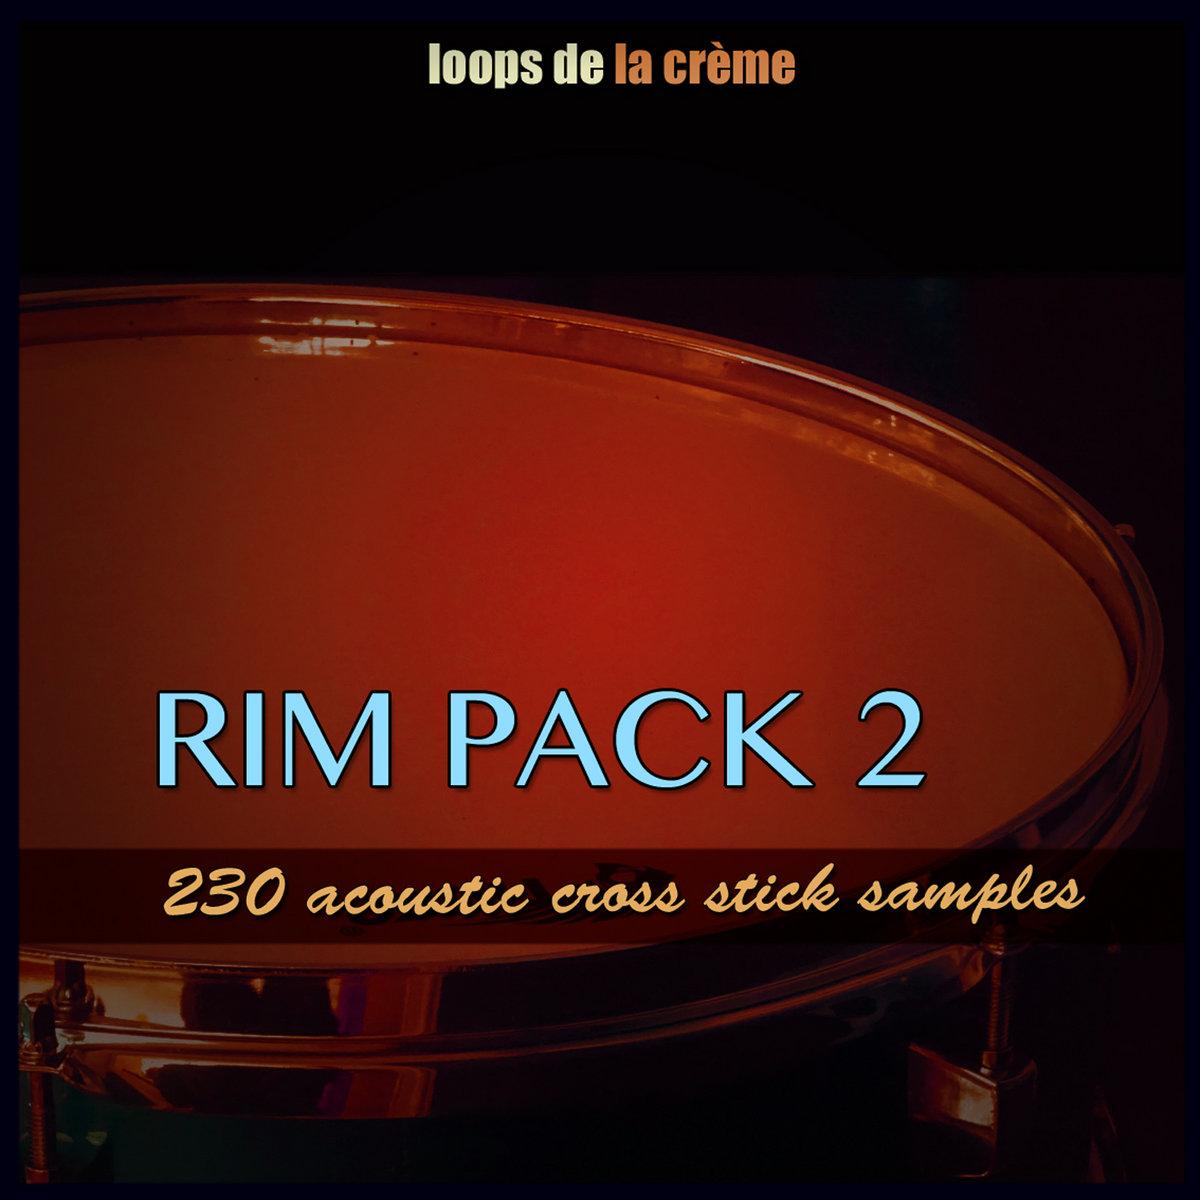 rimpack_2.jpg